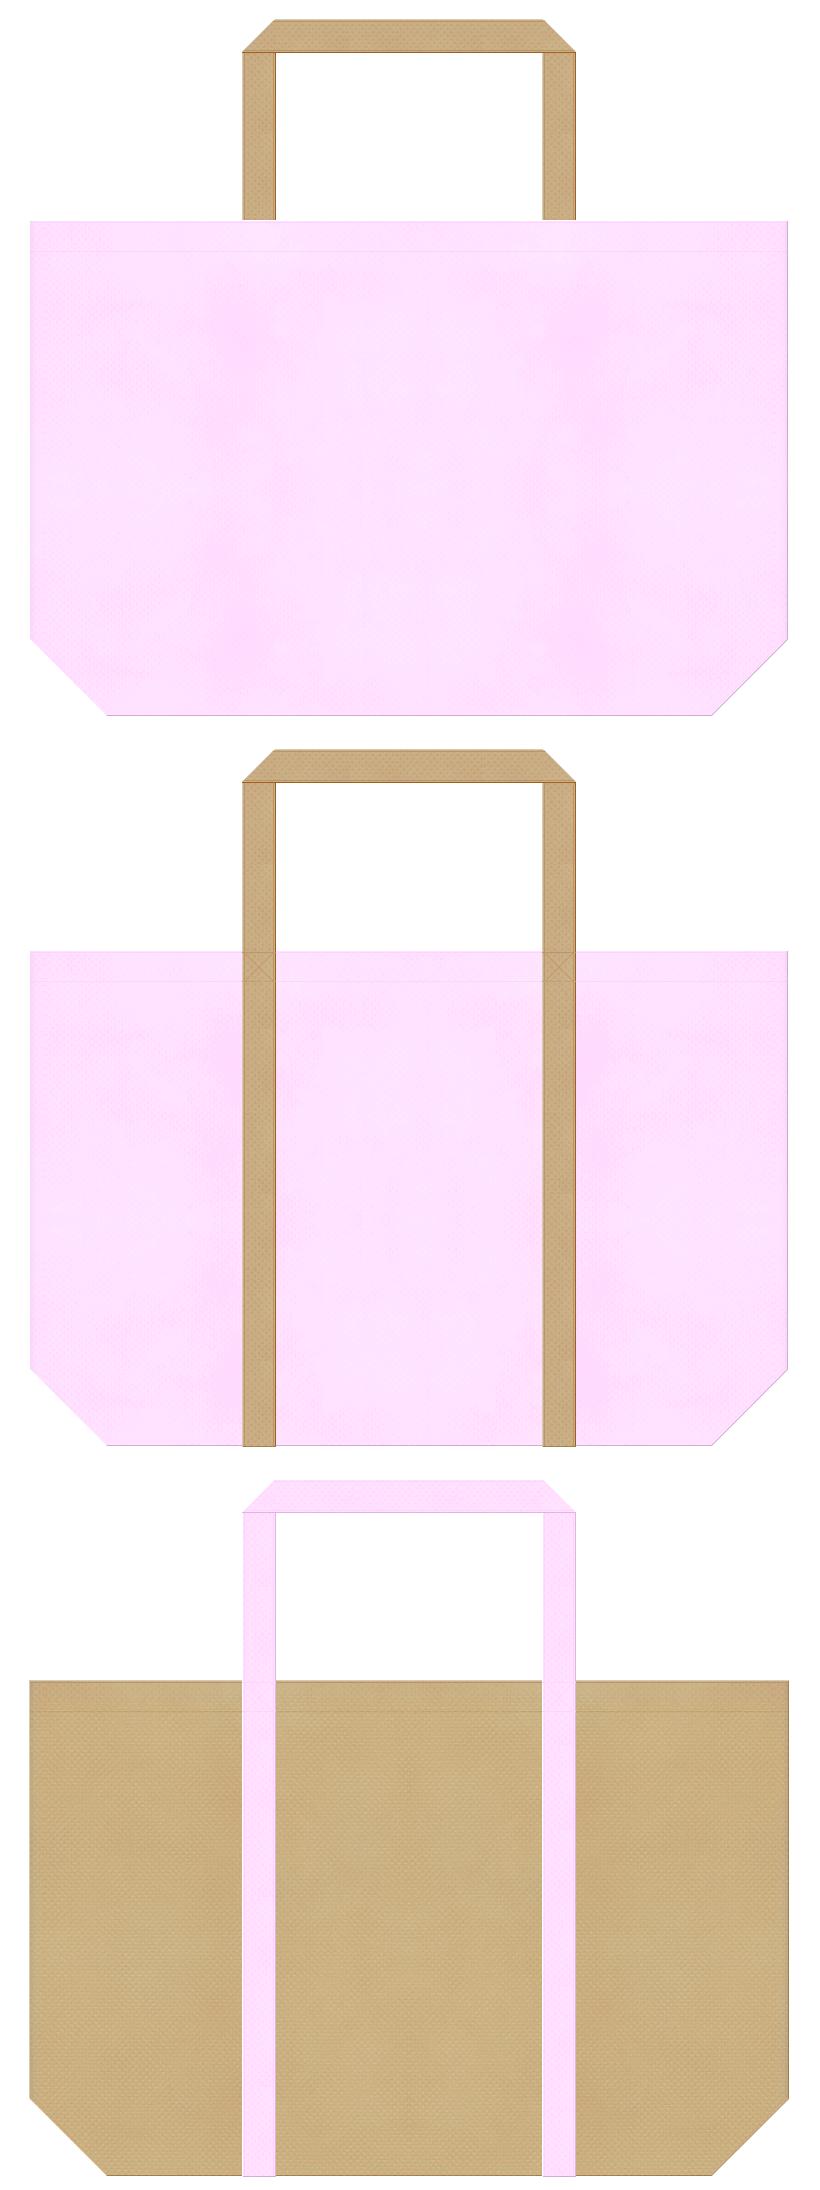 girlyなバッグノベルティにお奨めのコーデ。明るいピンク色とカーキ色の不織布バッグデザイン。